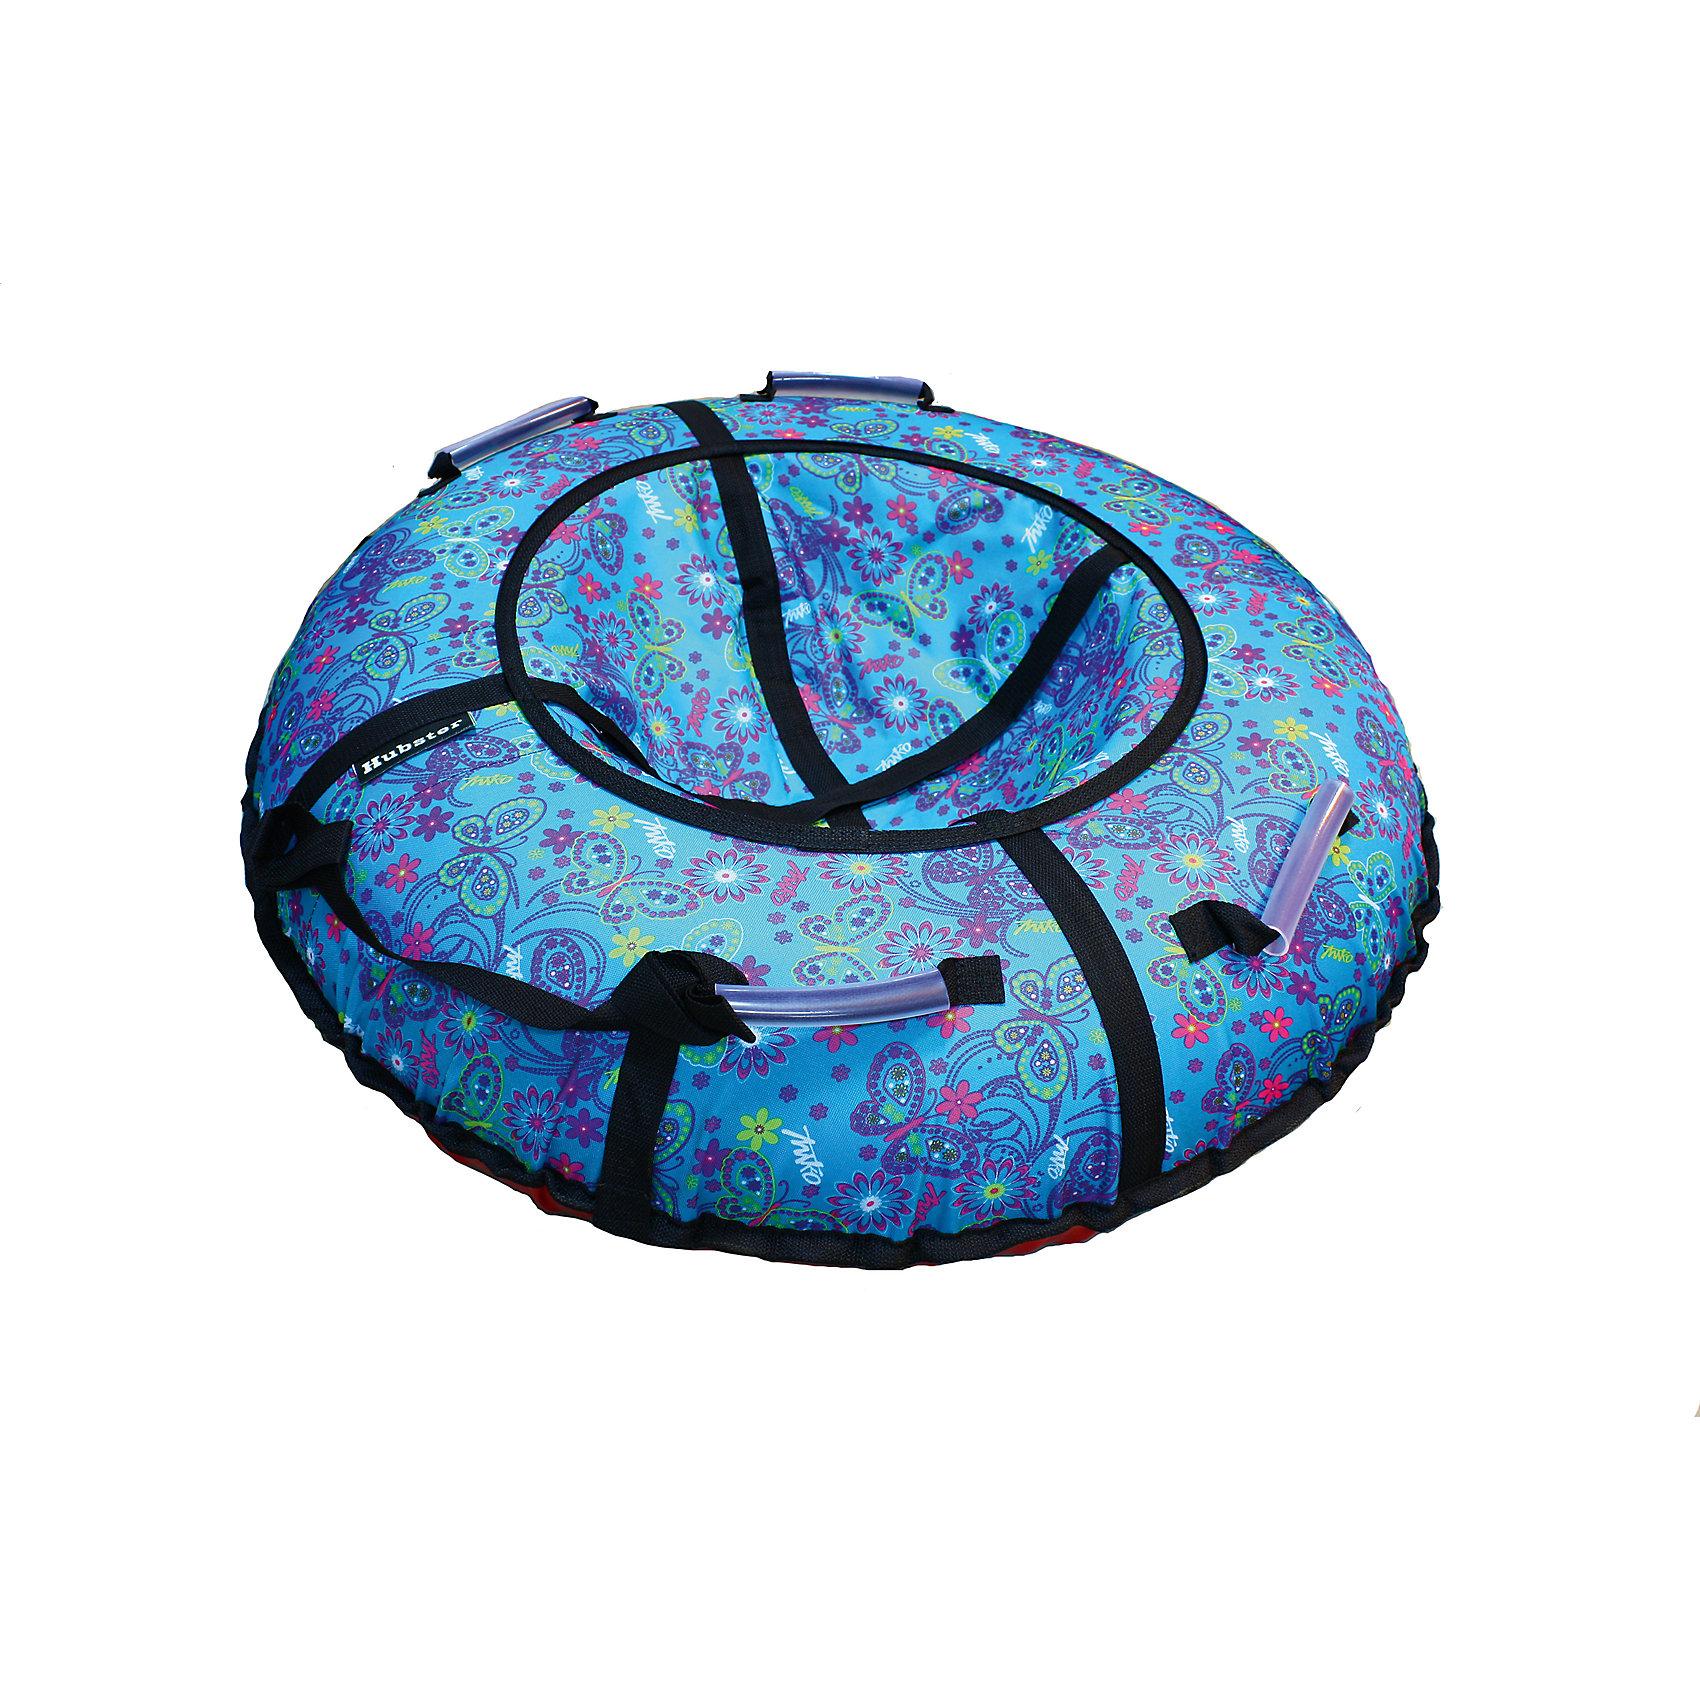 Тюбинг Люкс Бабочки бирюзовые, 105 см, HubsterТюбинг Люкс Бабочки бирюзовые, 105 см, Hubster.<br><br>Характеристики:<br><br>- Нагрузка: до 120 кг.<br>- Максимальная нагрузка: 130 кг.<br>- Рабочая температура эксплуатации: от +40 °C до -30 °C.<br>- Комплектация: ватрушка, трос, камера<br>- Материал дна: ПВХ, плотность 900 гр./м<br>- Материал верха: водонепроницаемая ткань 600 гр./м<br>- Диаметр ватрушки: 105 см.<br>- Ручки: 4 шт, усиленные<br>- Молния: скрытая, на сиденье<br>- Крепление троса: наружная петля, усиленное<br>- Камера: РФ радиус R-15<br><br>Тюбинг Люкс Бабочки бирюзовые, Hubster идеально подходит для зимнего отдыха всей семье! Он отличается высокой прочностью материала и продуманным для максимального комфорта дизайном. Плотная ПВХ ткань на дне не стирается и не царапается даже об твердый снежный наст или лед, при этом прекрасно скользит по снегу, воде или даже песку. Ткань верха усилена специальными нитями, поэтому не вытягивается со временем, обеспечивая долгий срок службы всего чехла. Также она устойчива на разрыв и не пропускает воду. Дополнительную прочность модели обеспечивают надежные усилительные ленты. Четыре ручки по бокам снабжены силиконовыми накладками, поэтому за них удобно держаться даже в плотных варежках и перчатках. Длинный буксировочный трос позволяет без труда тащить тюбинг за собой. Камера имеет стандартный автомобильный ниппель и быстро надувается при помощи компрессорного насоса. Верхняя часть чехла выполнена из ткани сочного бирюзового цвета с оригинальным принтом в виде бабочек и цветов. Благодаря яркой расцветке вы всегда сможете найти свою ватрушку на заснеженном склоне. Тюбинг удобно хранить и переносить, со сдутой камерой занимает мало места. Тюбинг Люкс Бабочки бирюзовые, Hubster прослужит вам долго, и подарит много запоминающихся и веселых моментов!<br><br>Тюбинг Люкс Бабочки бирюзовые, 105 см, Hubster можно купить в нашем интернет-магазине.<br><br>Ширина мм: 1000<br>Глубина мм: 150<br>Высота мм: 150<br>Вес г: 2500<br>Возрас